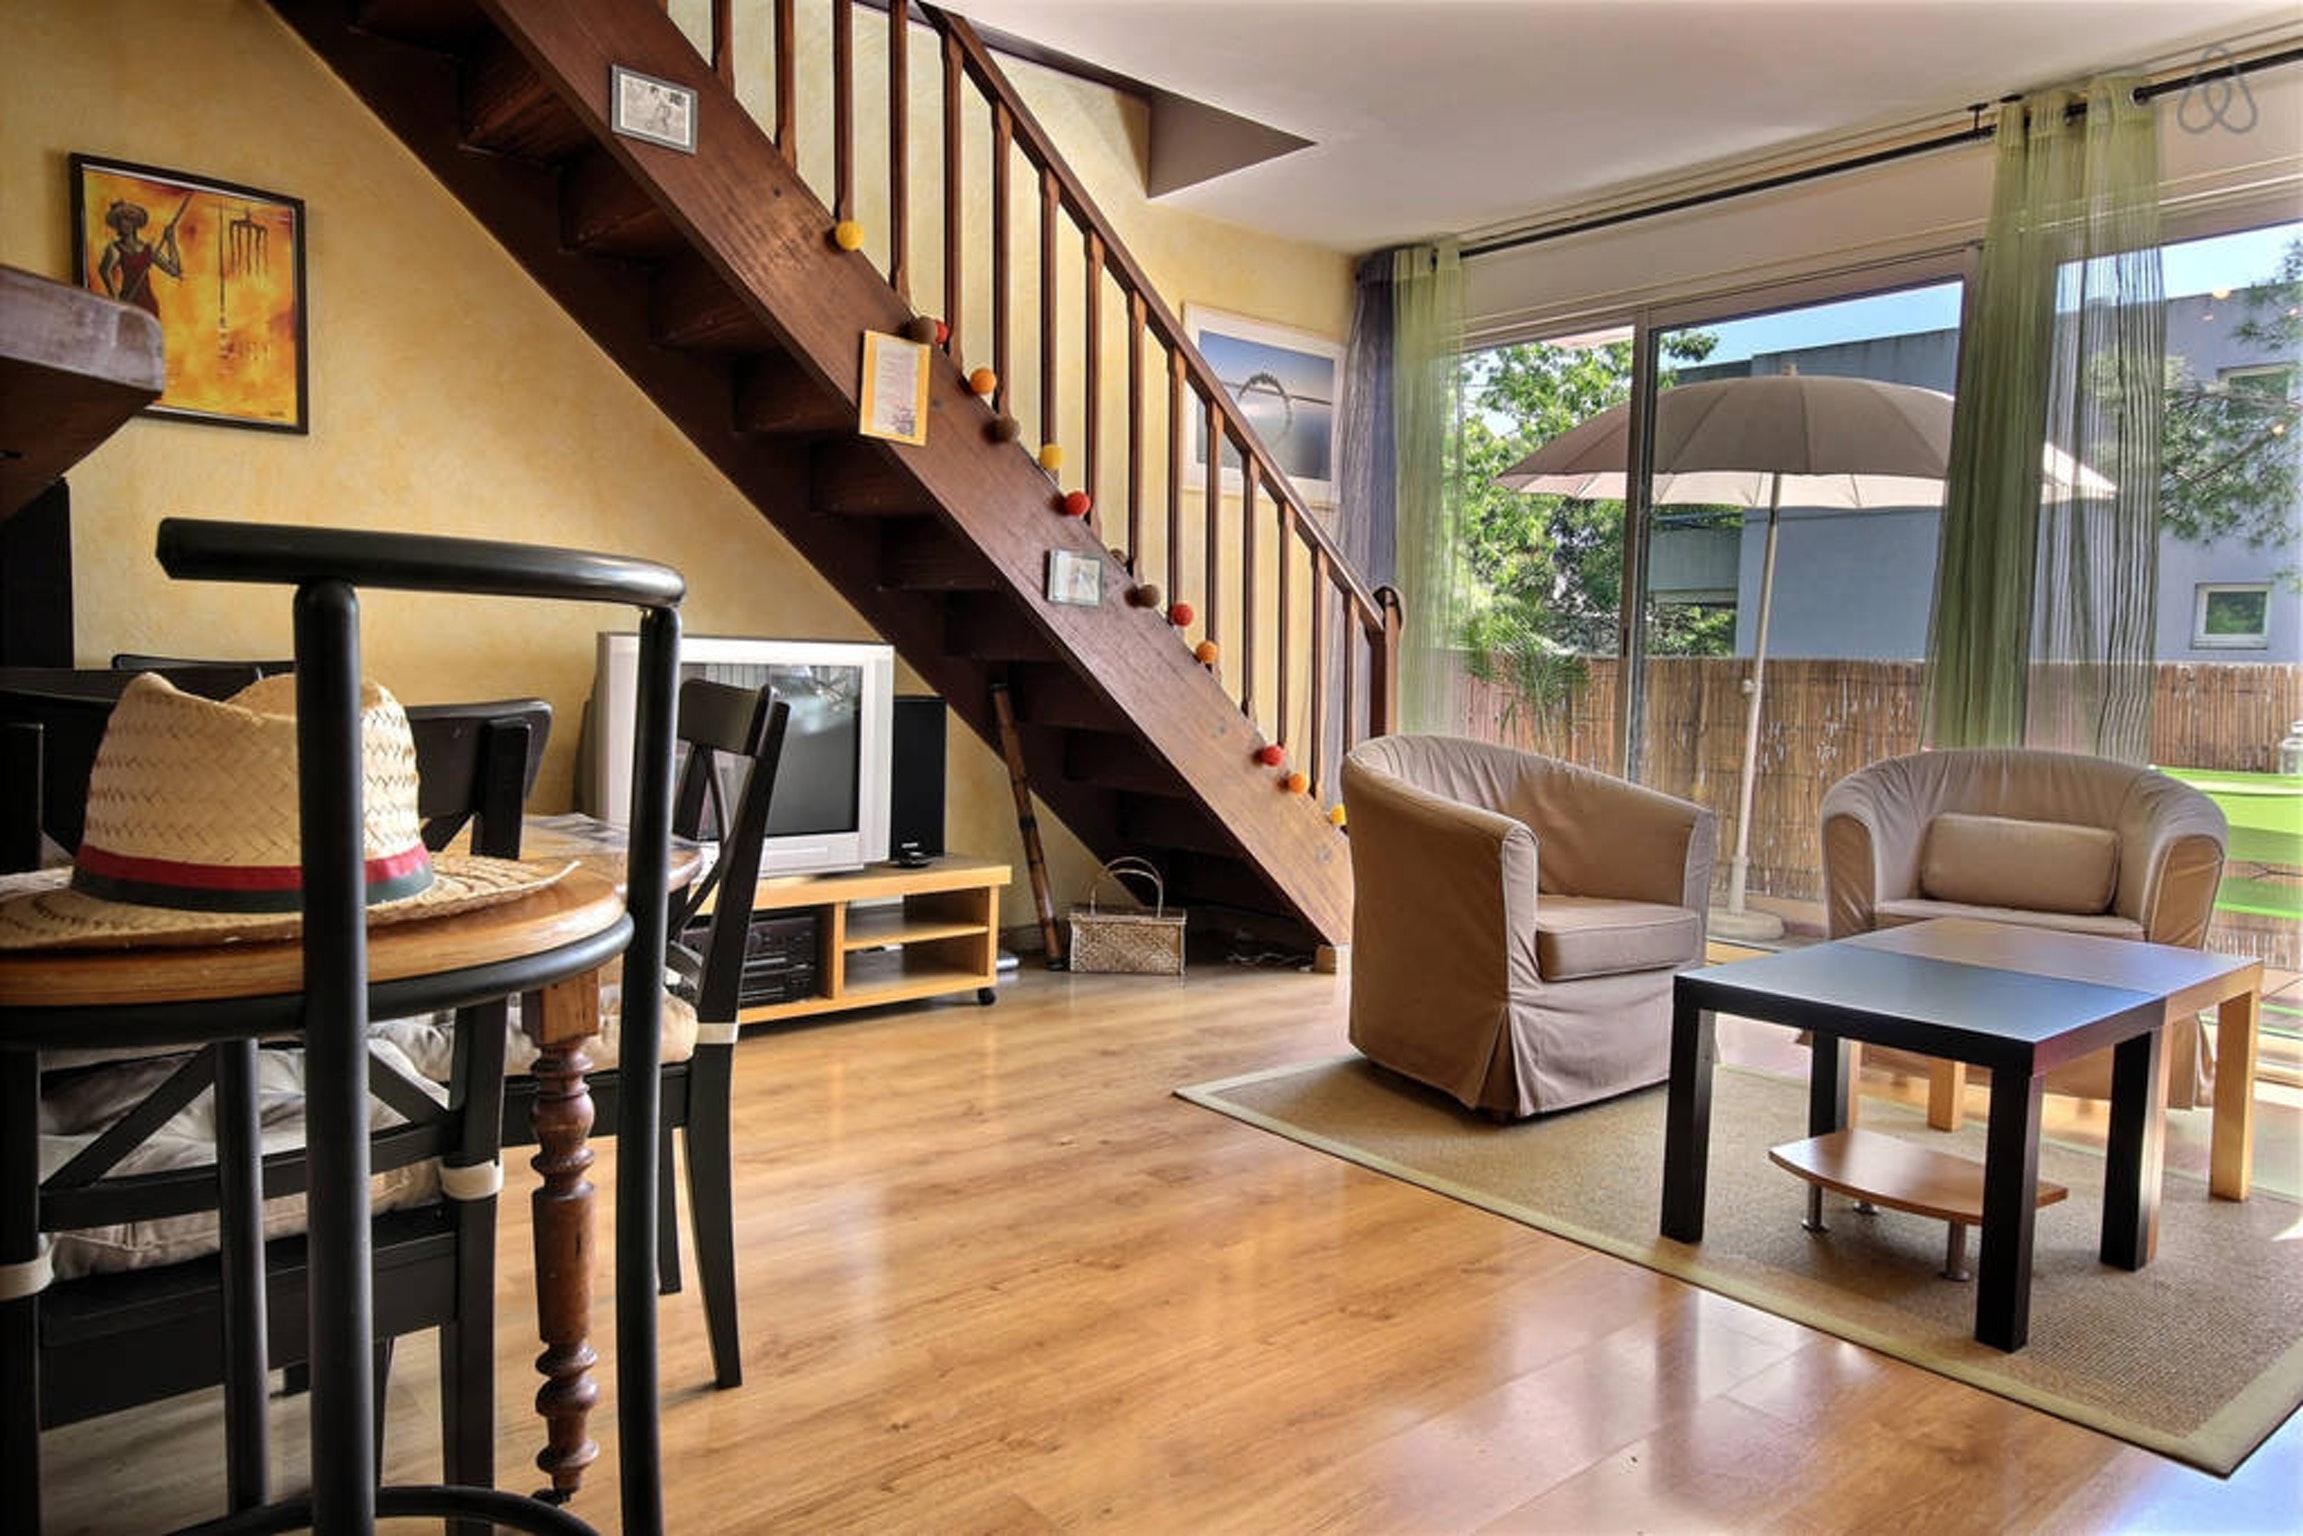 Ferienwohnung Wohnung mit 2 Zimmern in Montpellier mit möblierter Terrasse und W-LAN - 15 km vom Strand  (2351209), Montpellier, Mittelmeerküste Hérault, Languedoc-Roussillon, Frankreich, Bild 2